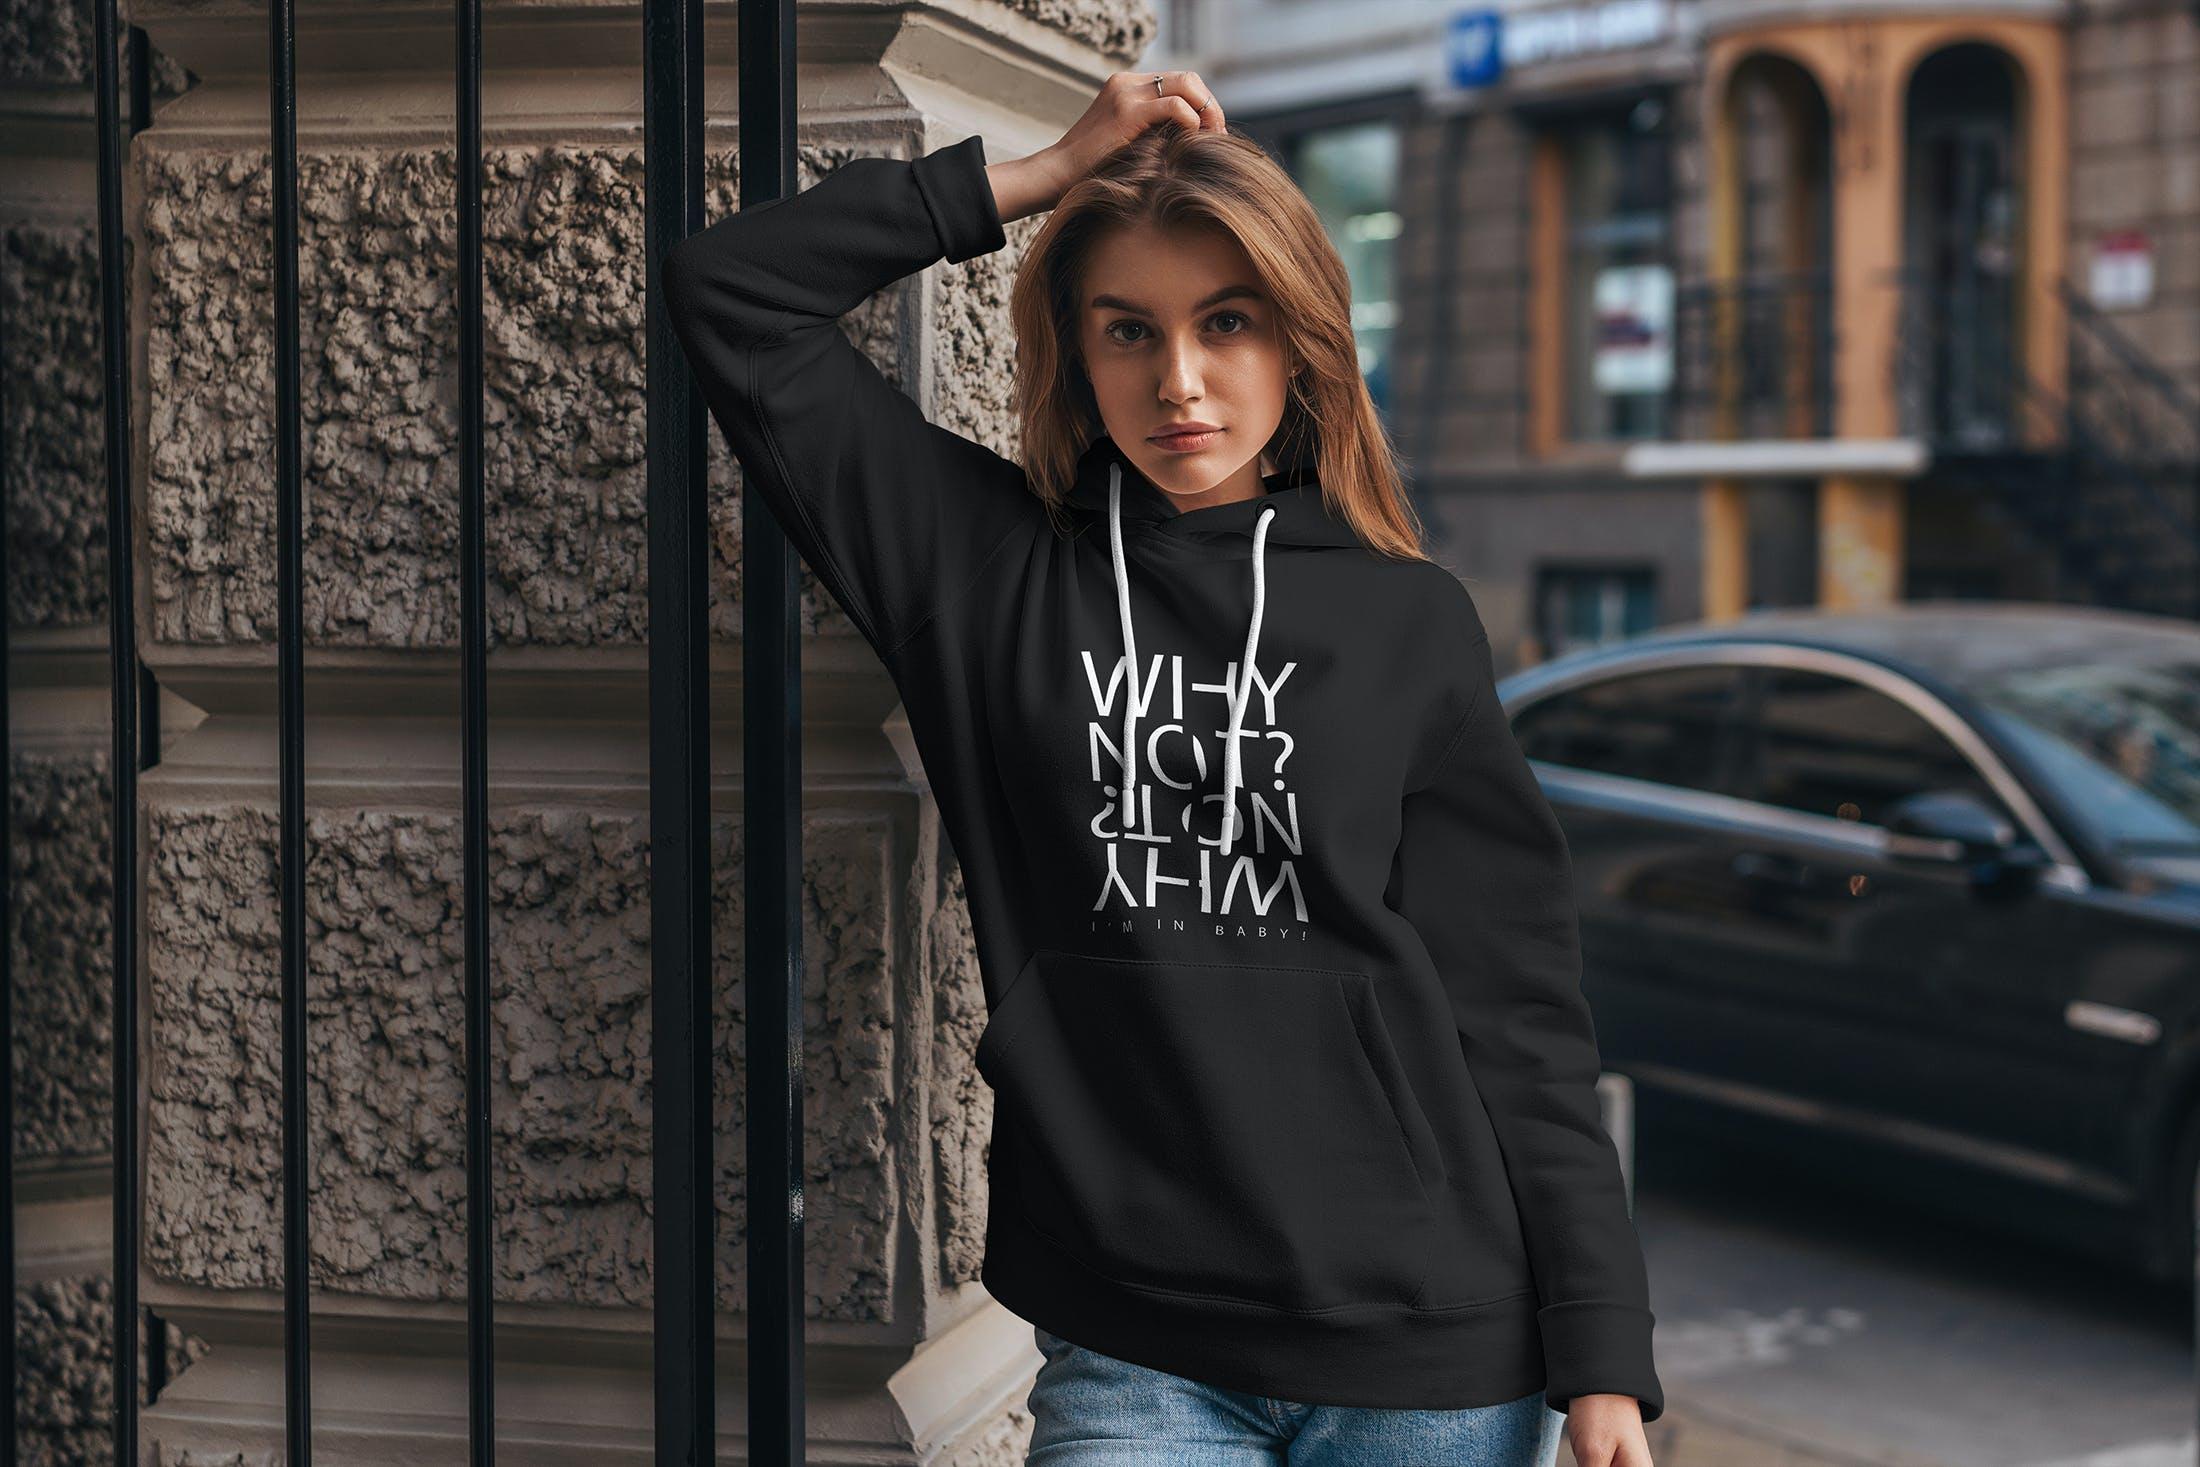 15款女孩连衣帽卫衣印花设计展示样机 Hoodie Mockup Street Fashion插图(8)